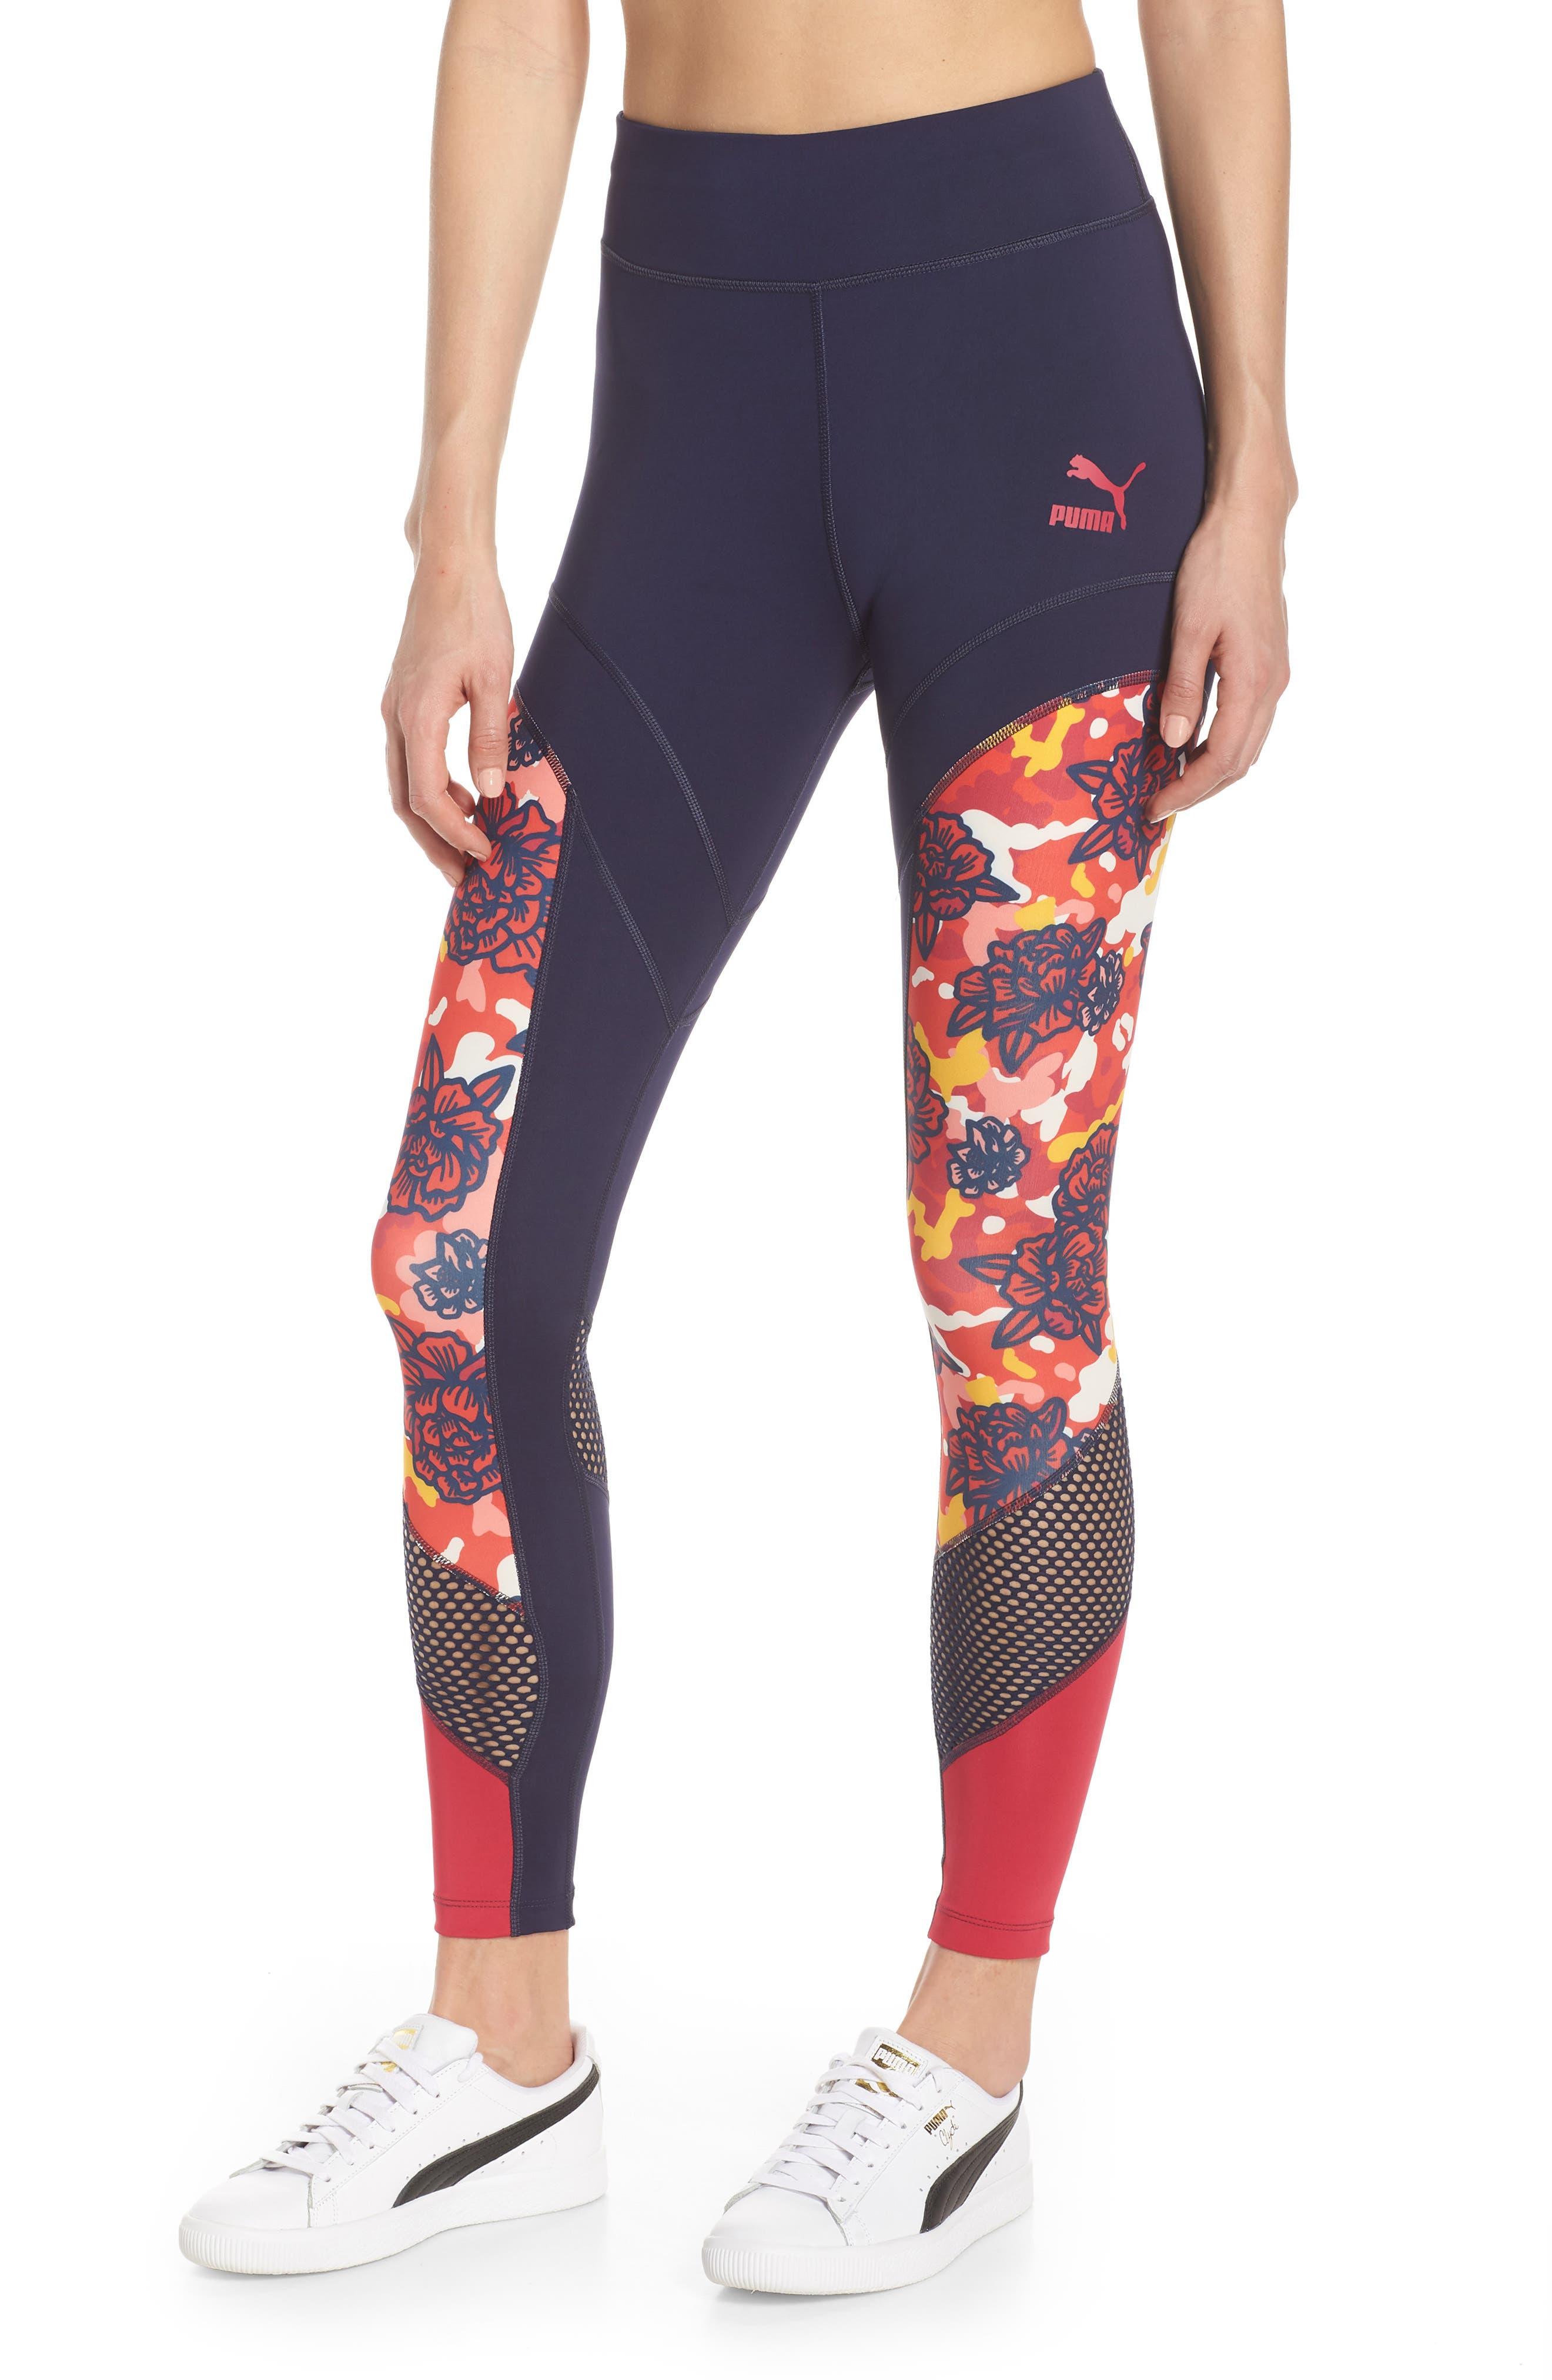 PUMA, Flourish Flourish XTG Leggings, Main thumbnail 1, color, PEACOAT-HIBISCUS MULTI